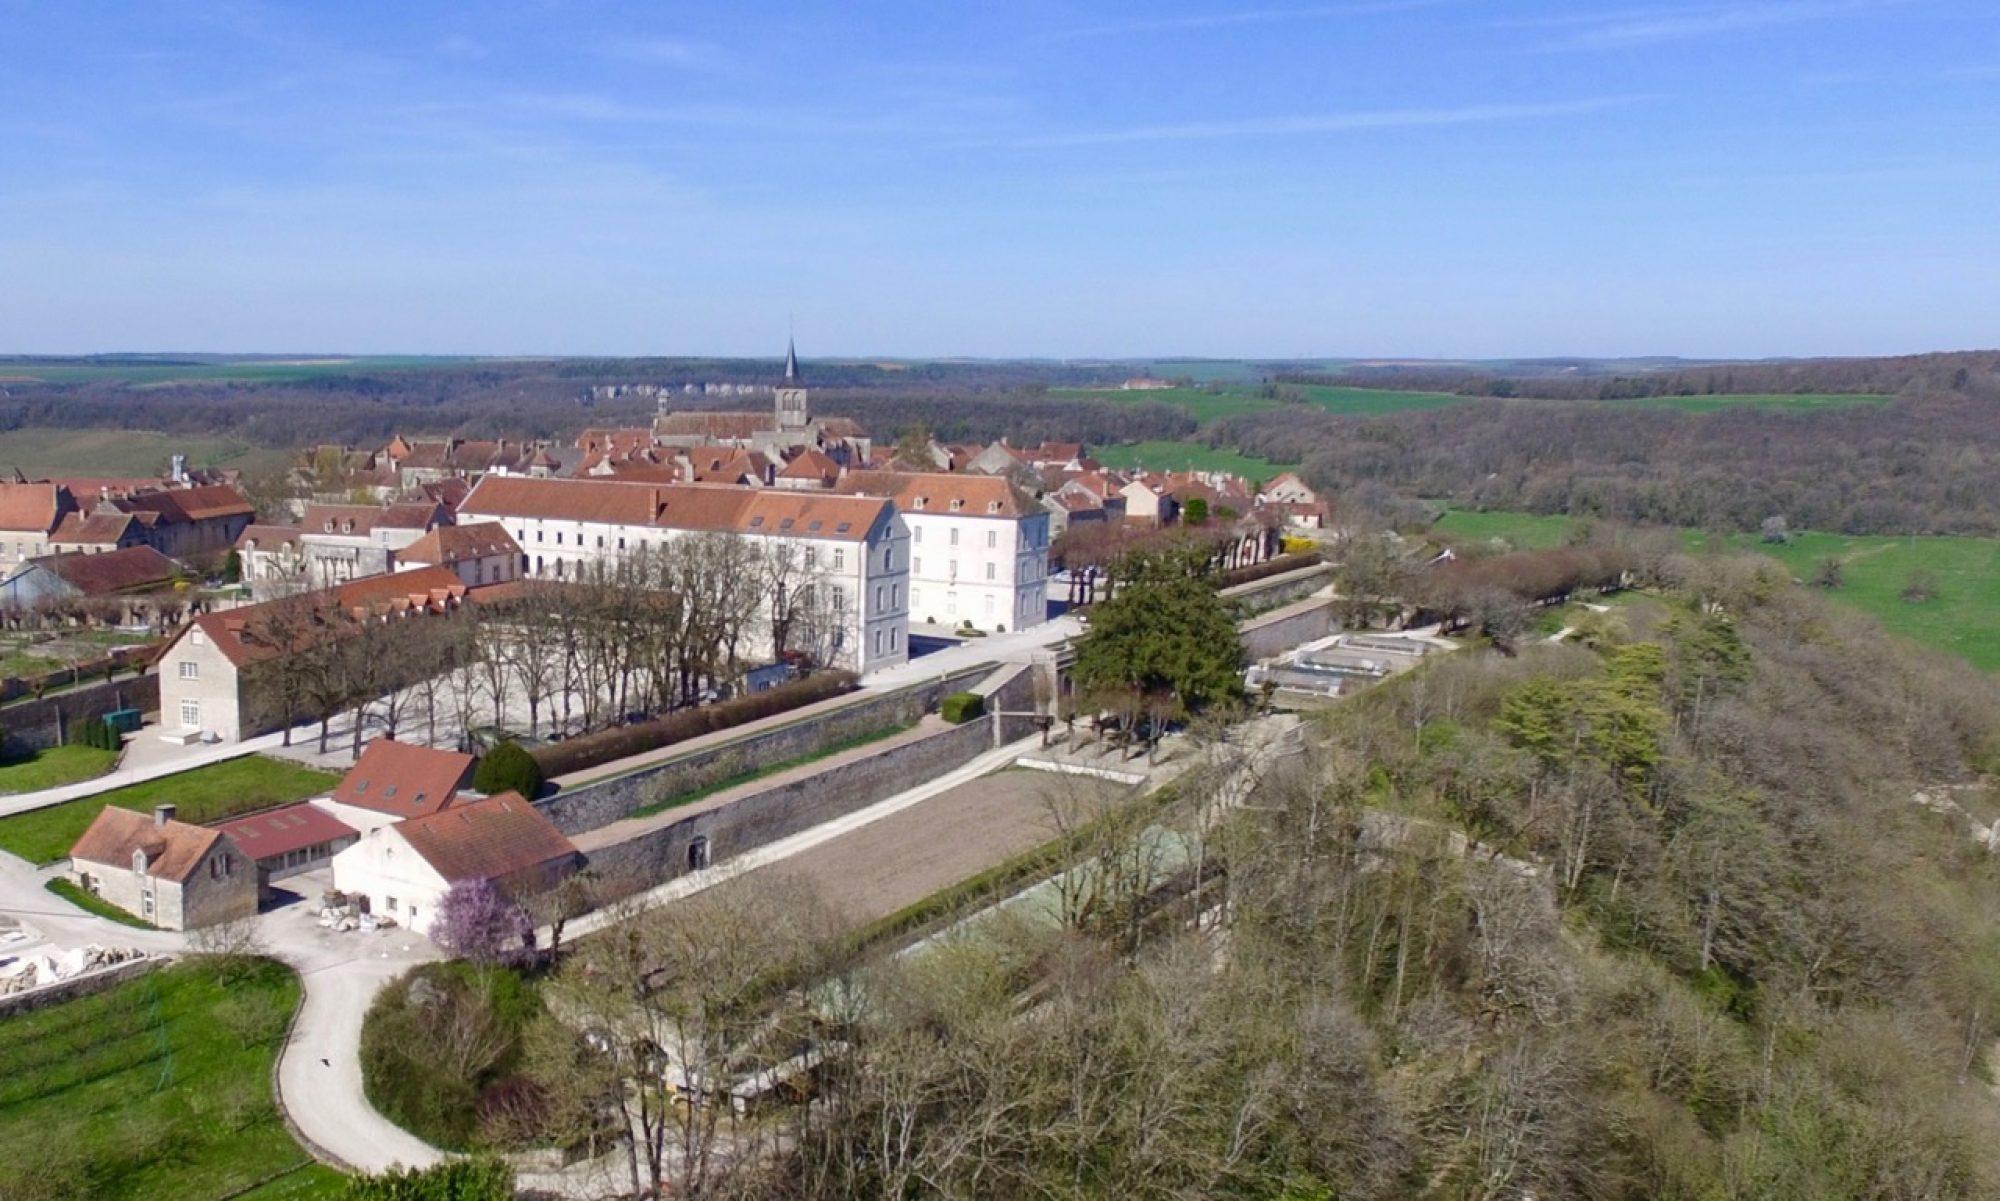 Saint Joseph de Clairval Abbey